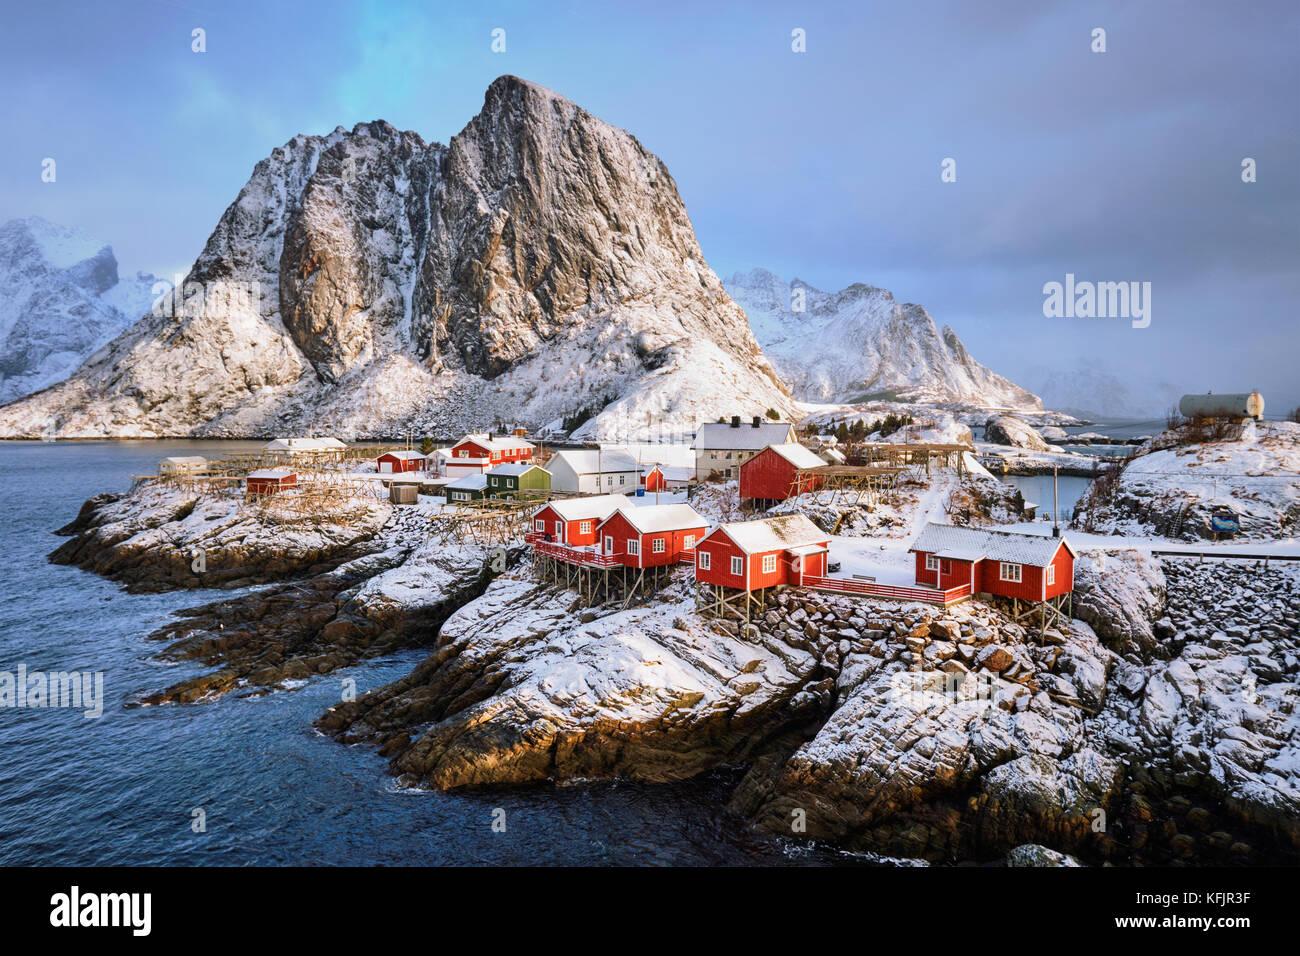 Hamnoy villaggio di pescatori sulle Isole Lofoten in Norvegia Immagini Stock